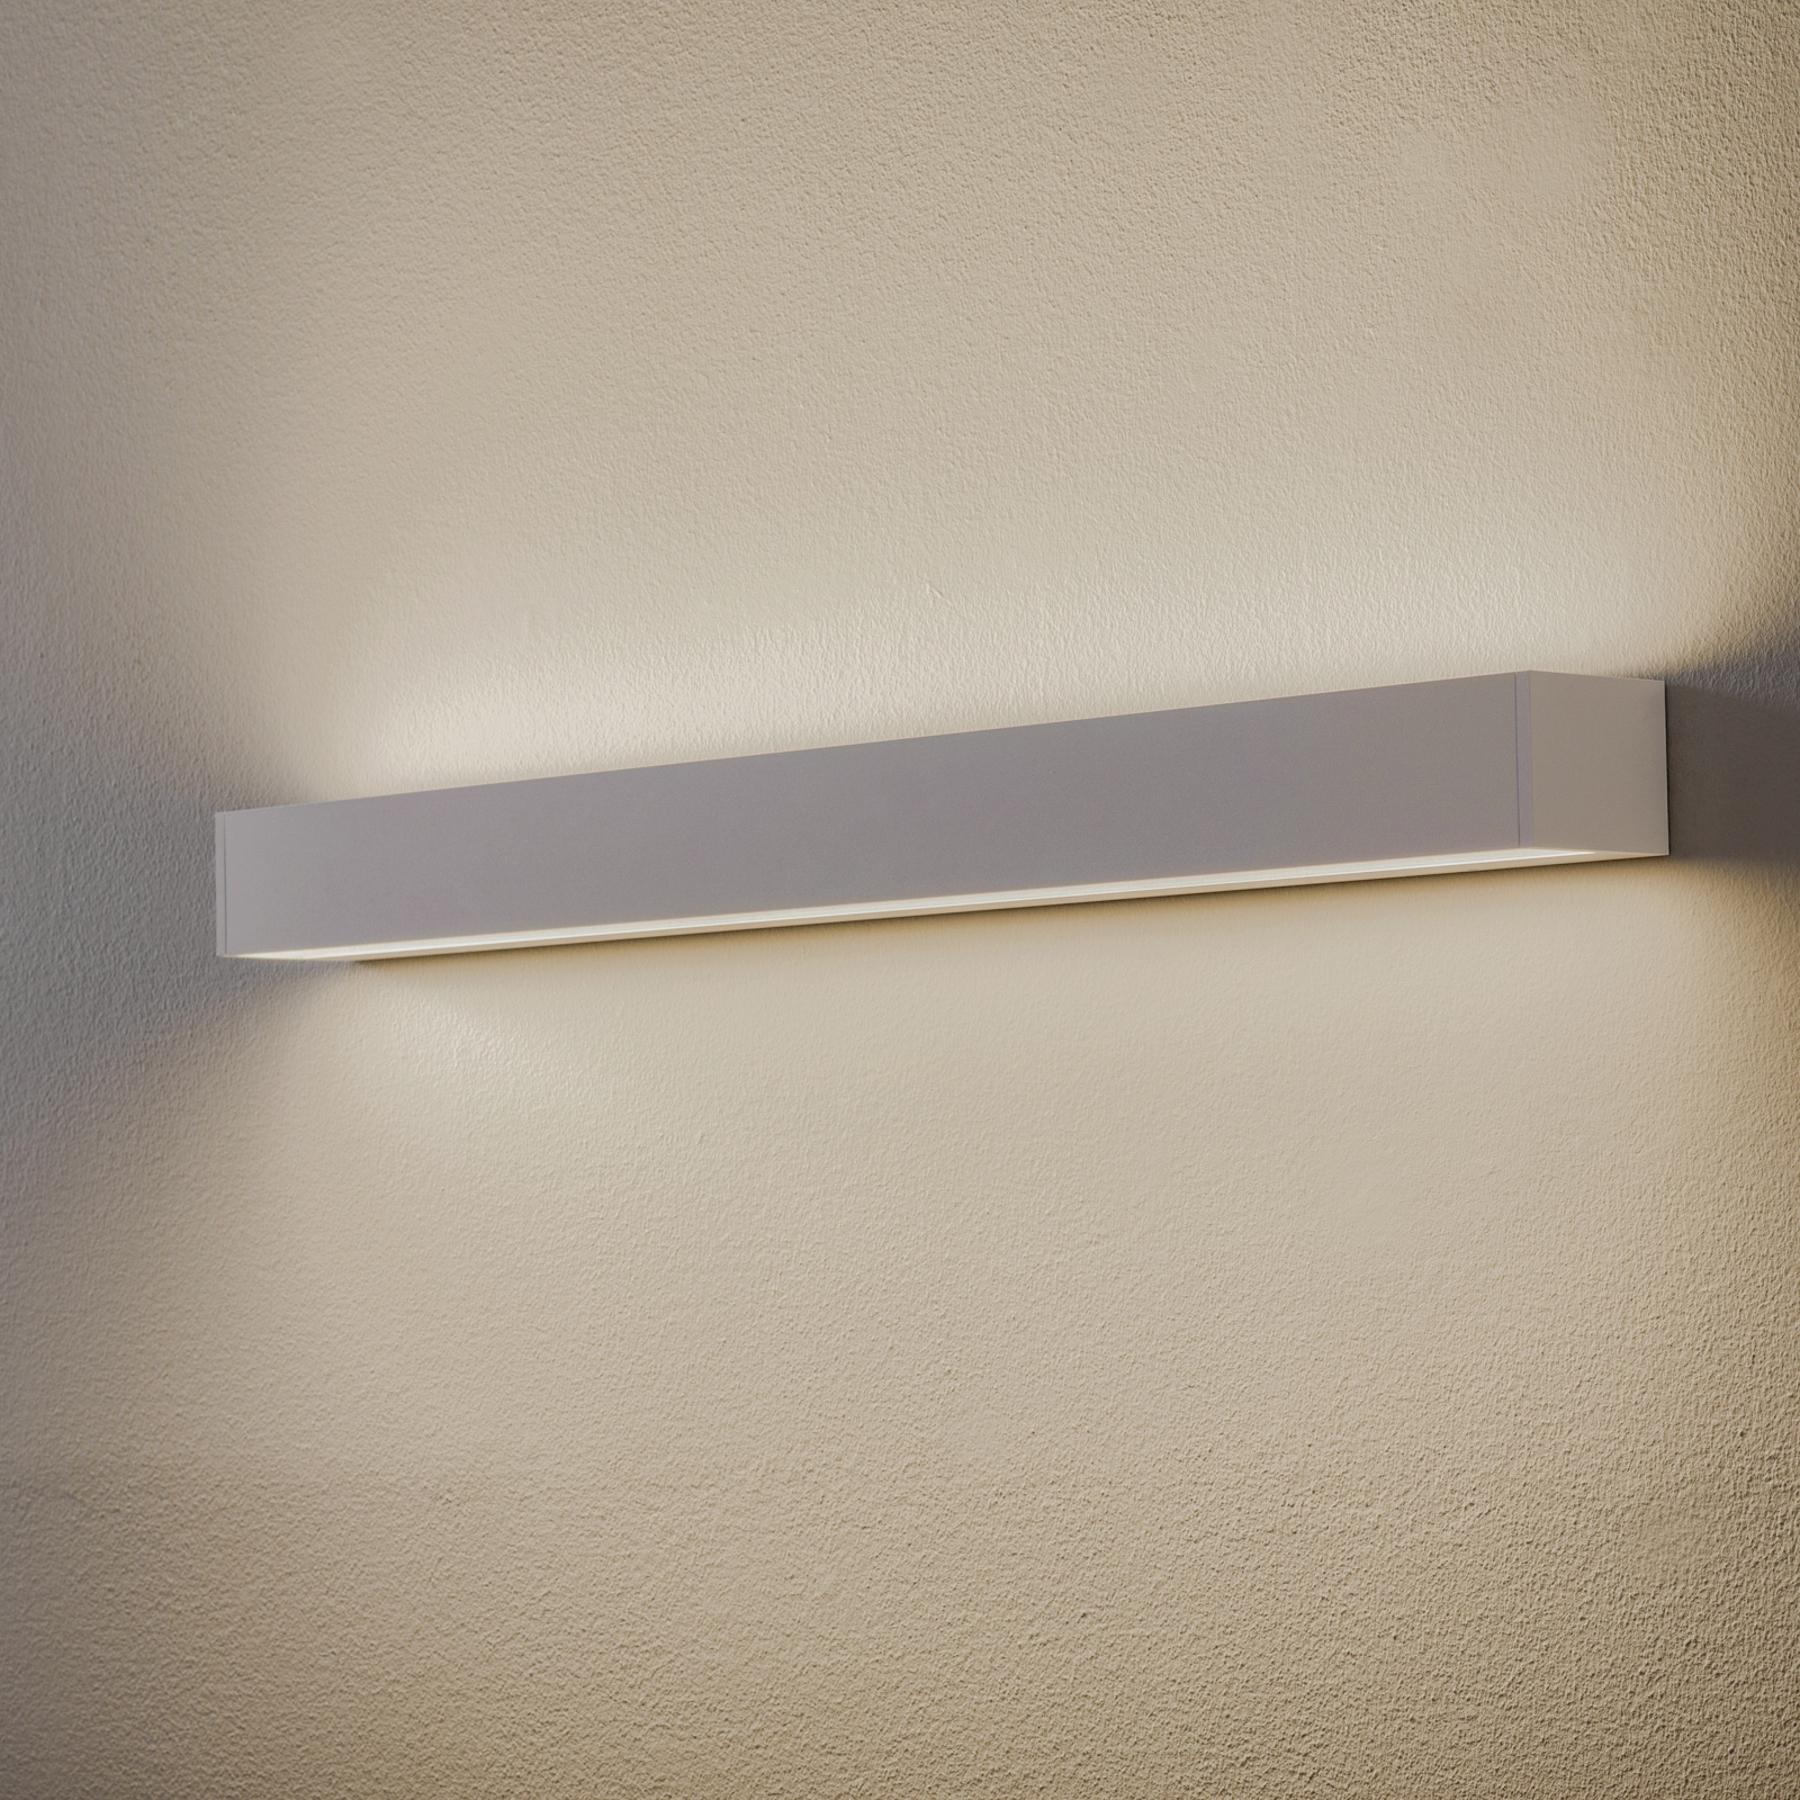 BEGA 50801 applique LED 930 bianco 92cm 5.640lm